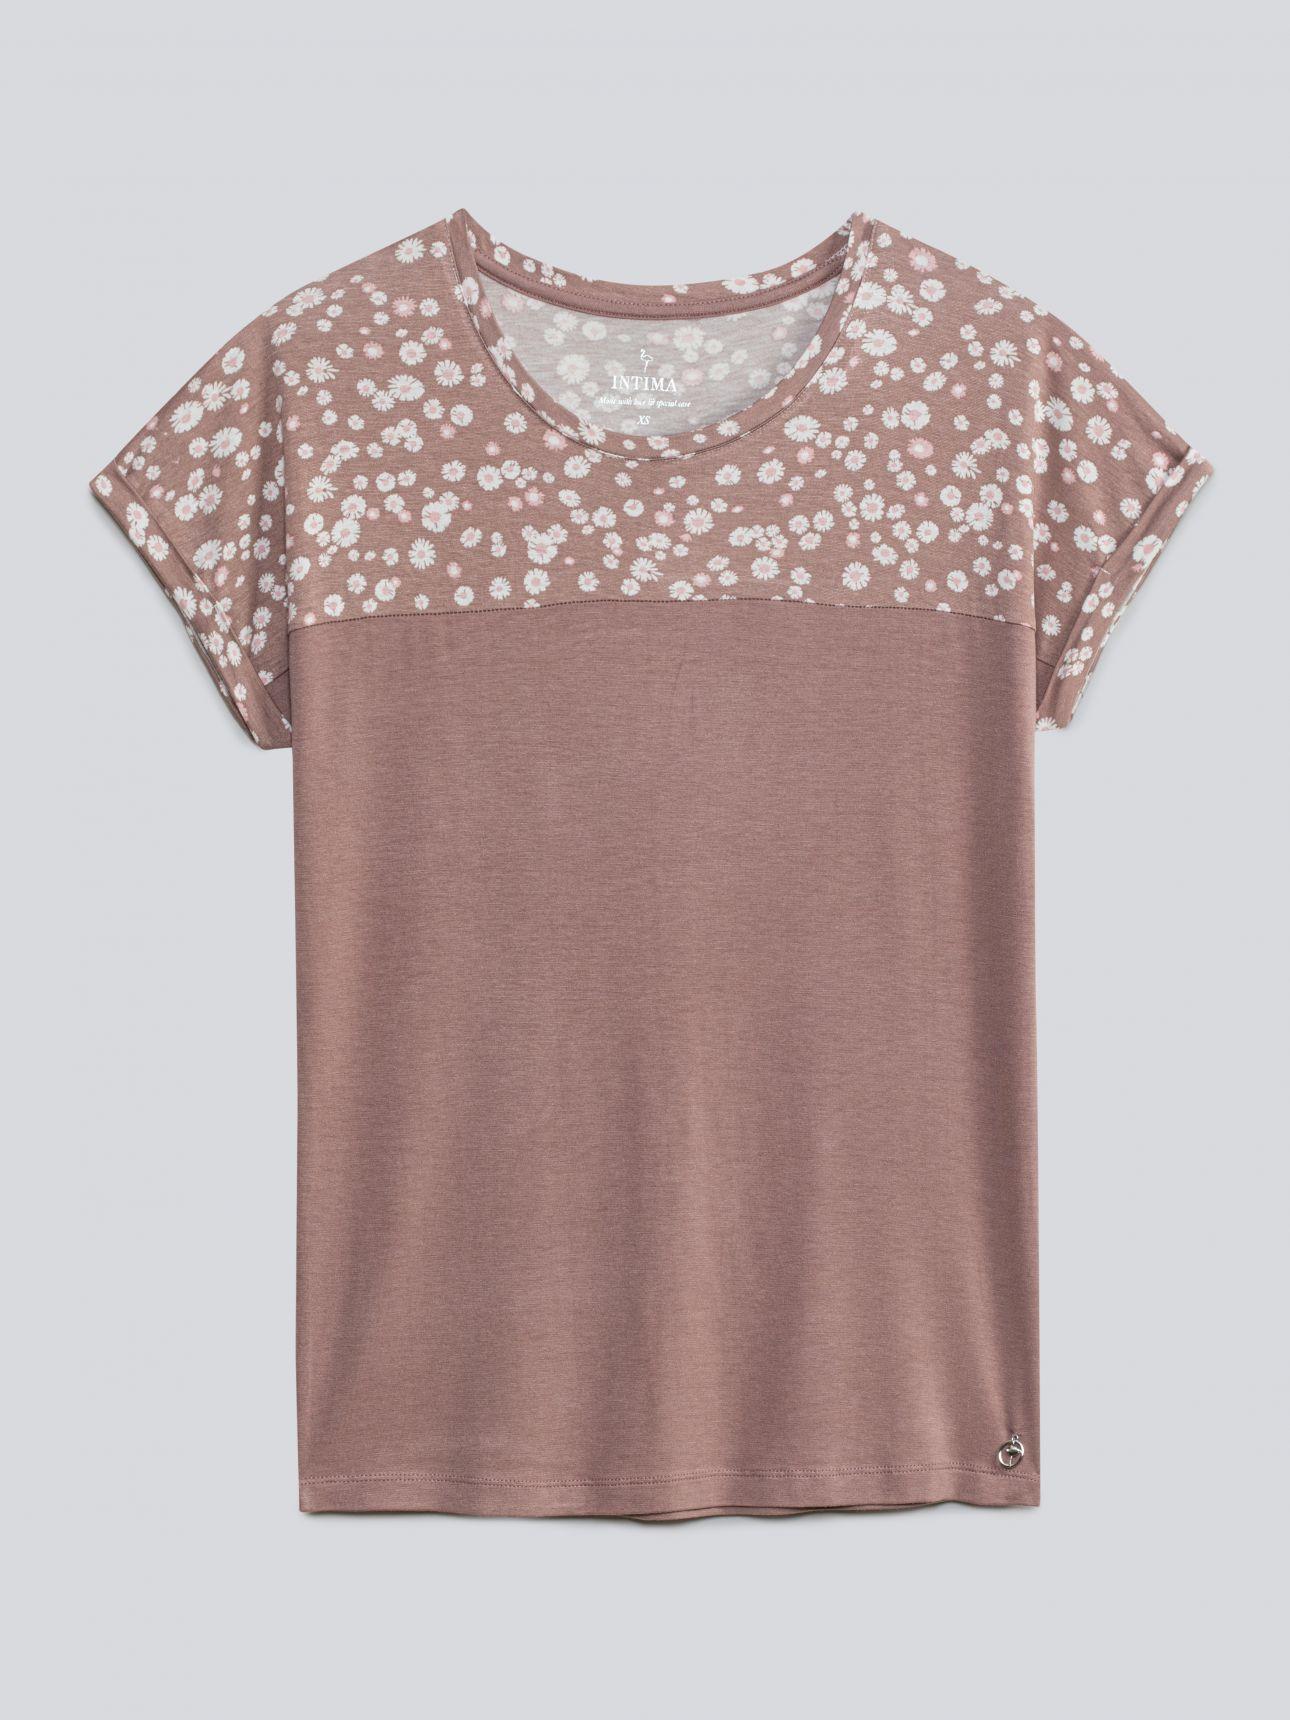 חולצת ASHLY בצבע חום קפוצינו